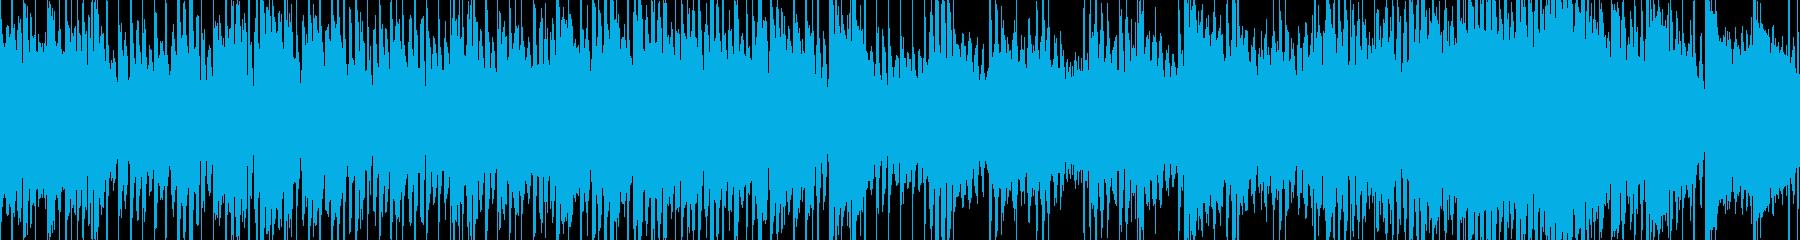 清涼感のあるかわいい曲(Loop対応)の再生済みの波形